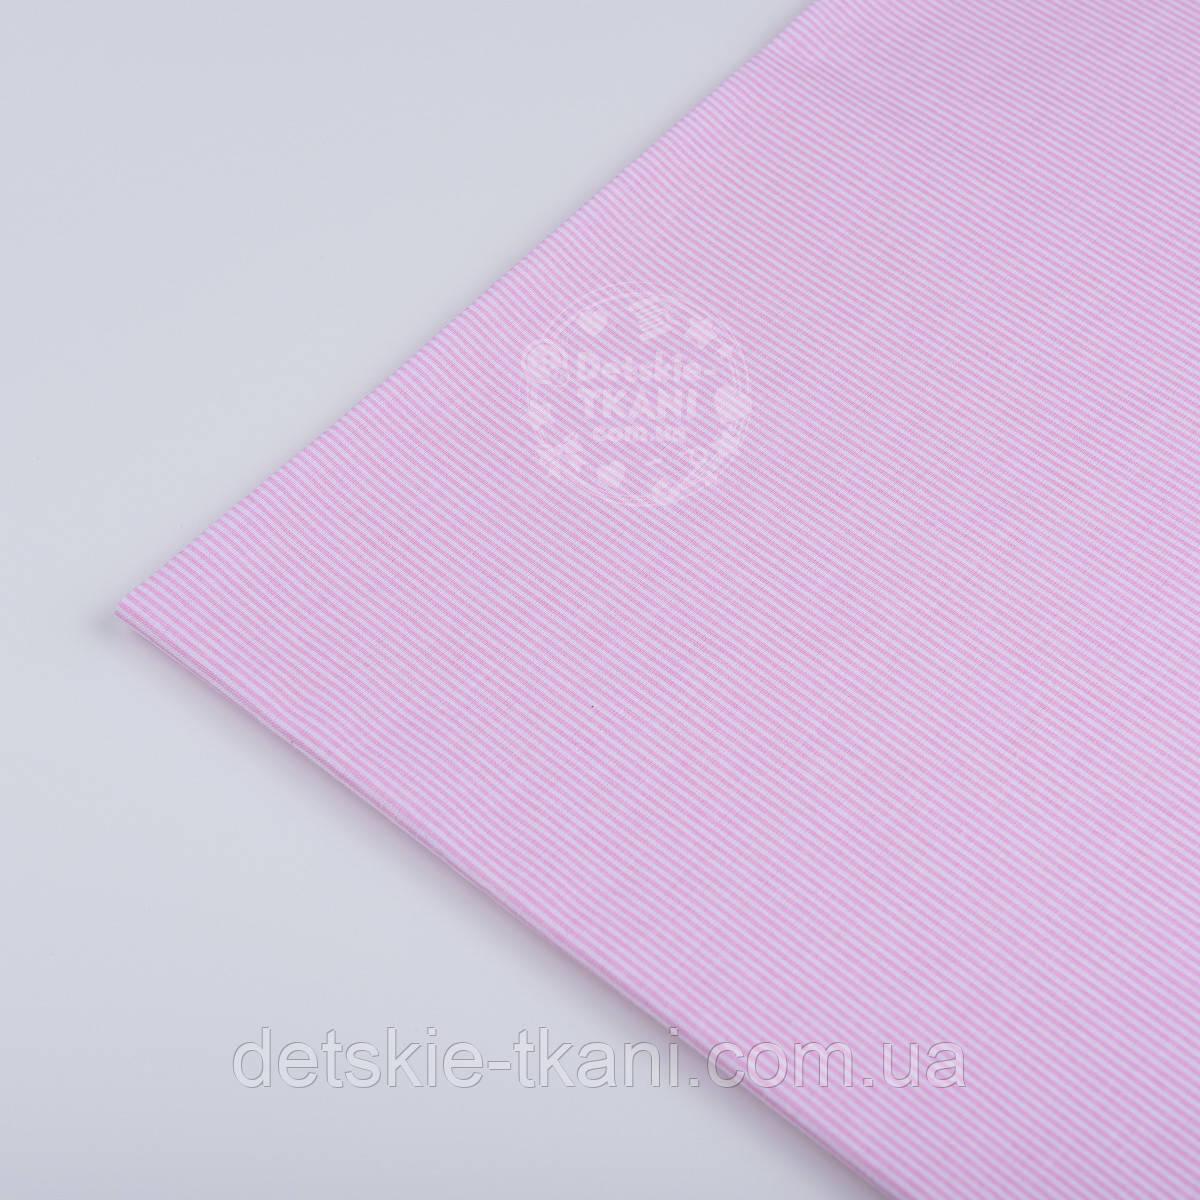 """Лоскут ткани №261а  """"Макароны"""" с мелкой полоской розового цвета"""